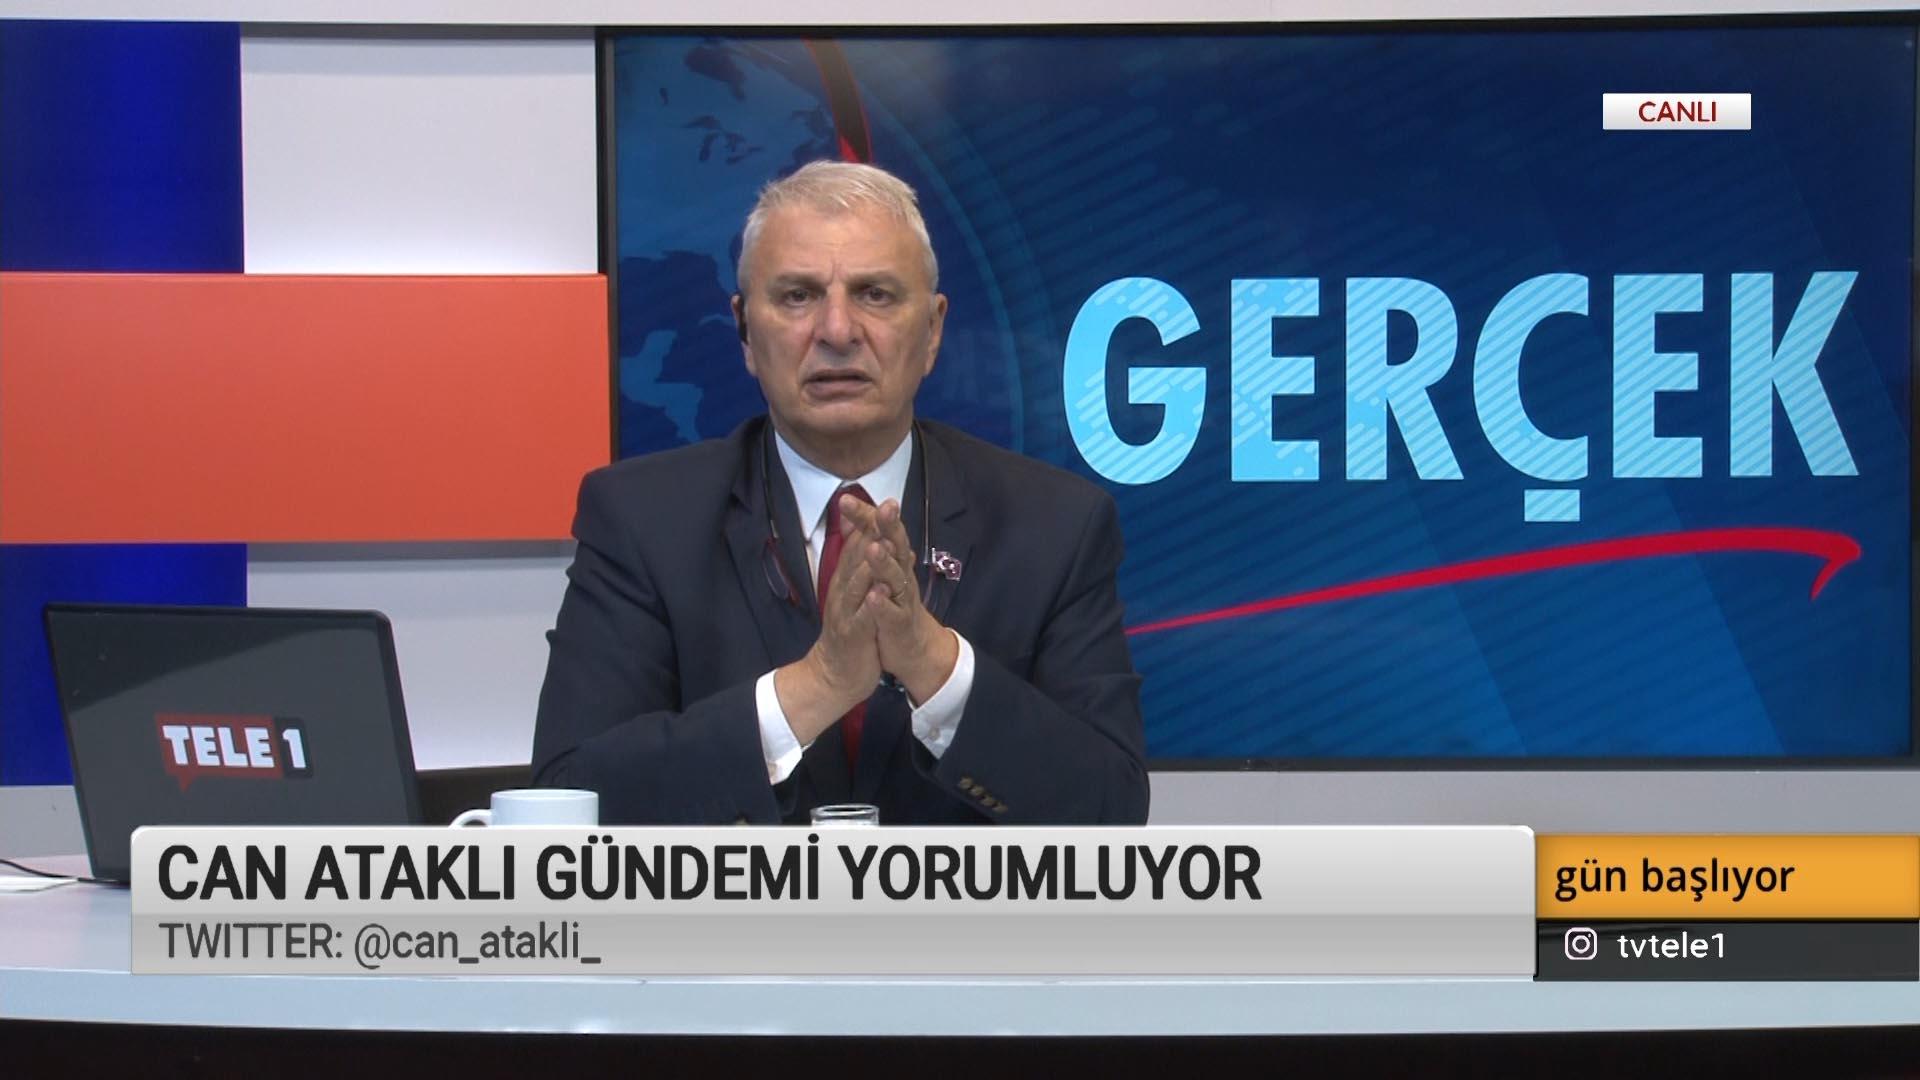 """Tele1 programcısı yazar Can Ataklı """"Her şeyden korkan bir muhalefetimiz var!"""""""